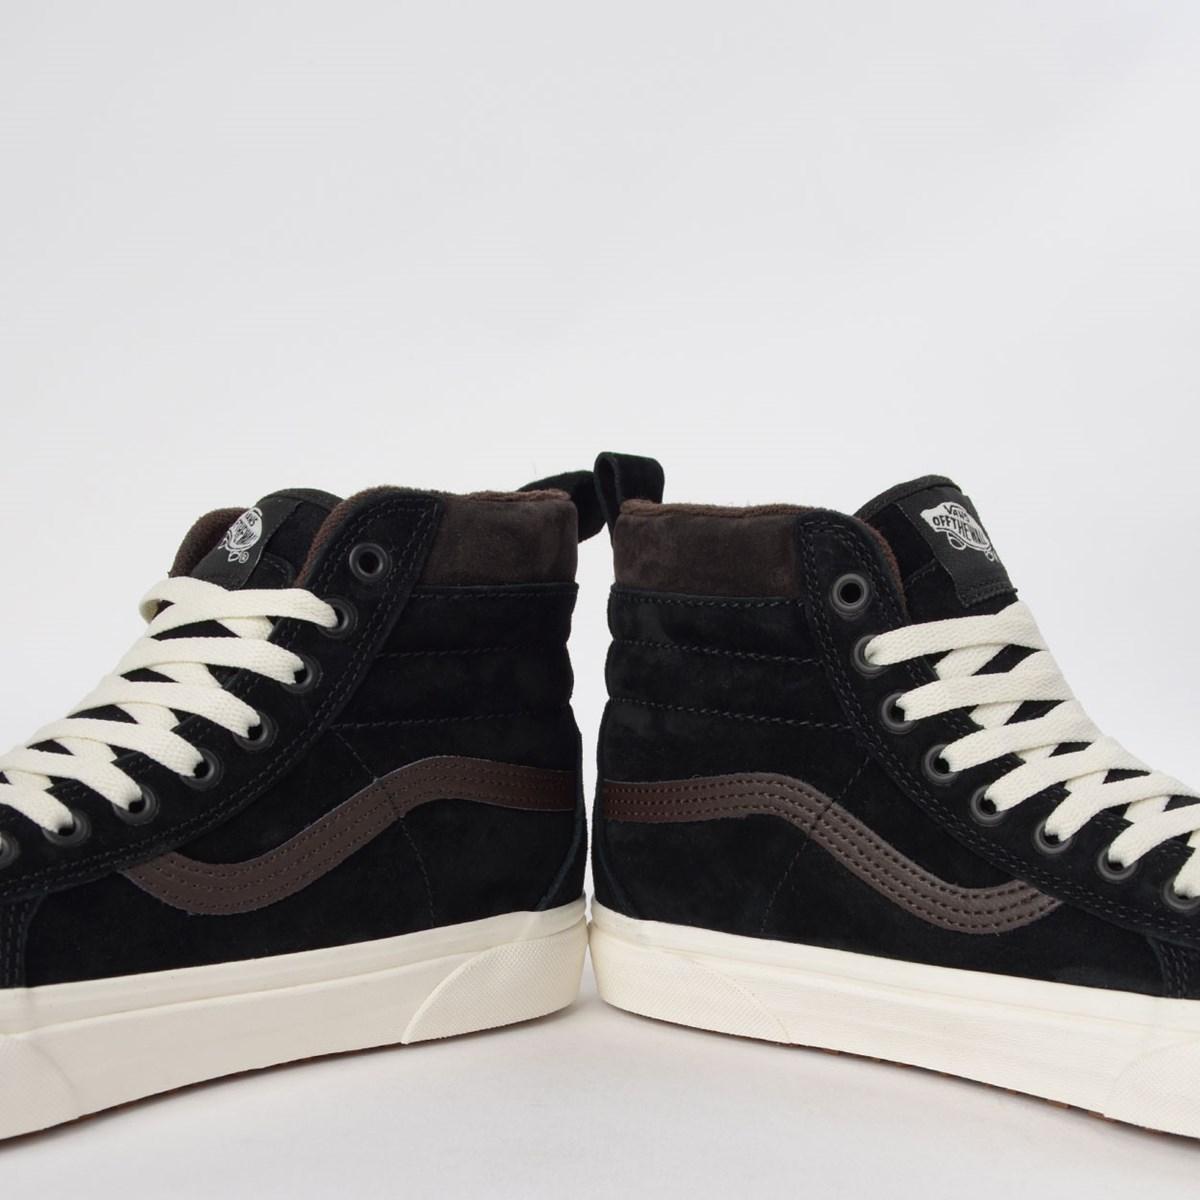 Tênis Vans Sk8 Hi MTE Black Chocolate VN0A4BV7V3Z